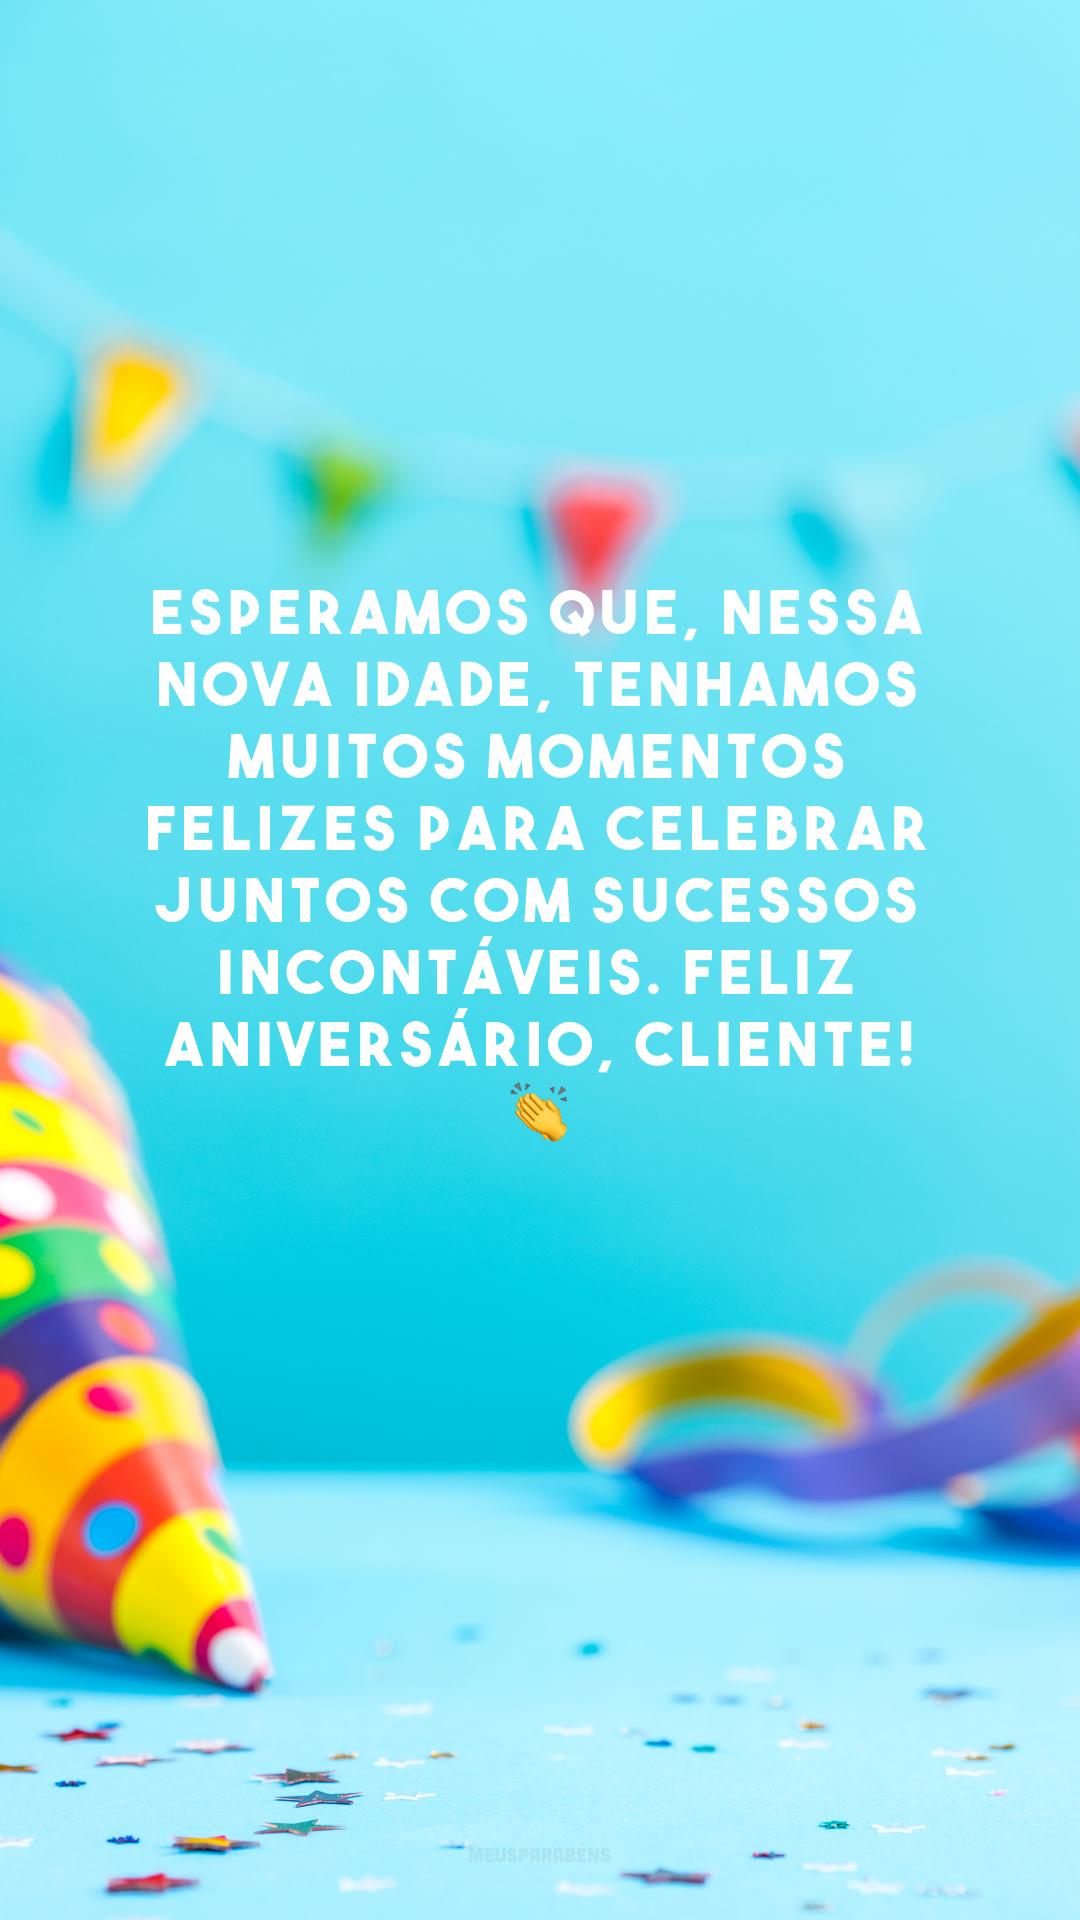 Esperamos que, nessa nova idade, tenhamos muitos momentos felizes para celebrar juntos com sucessos incontáveis. Feliz aniversário, cliente! 👏